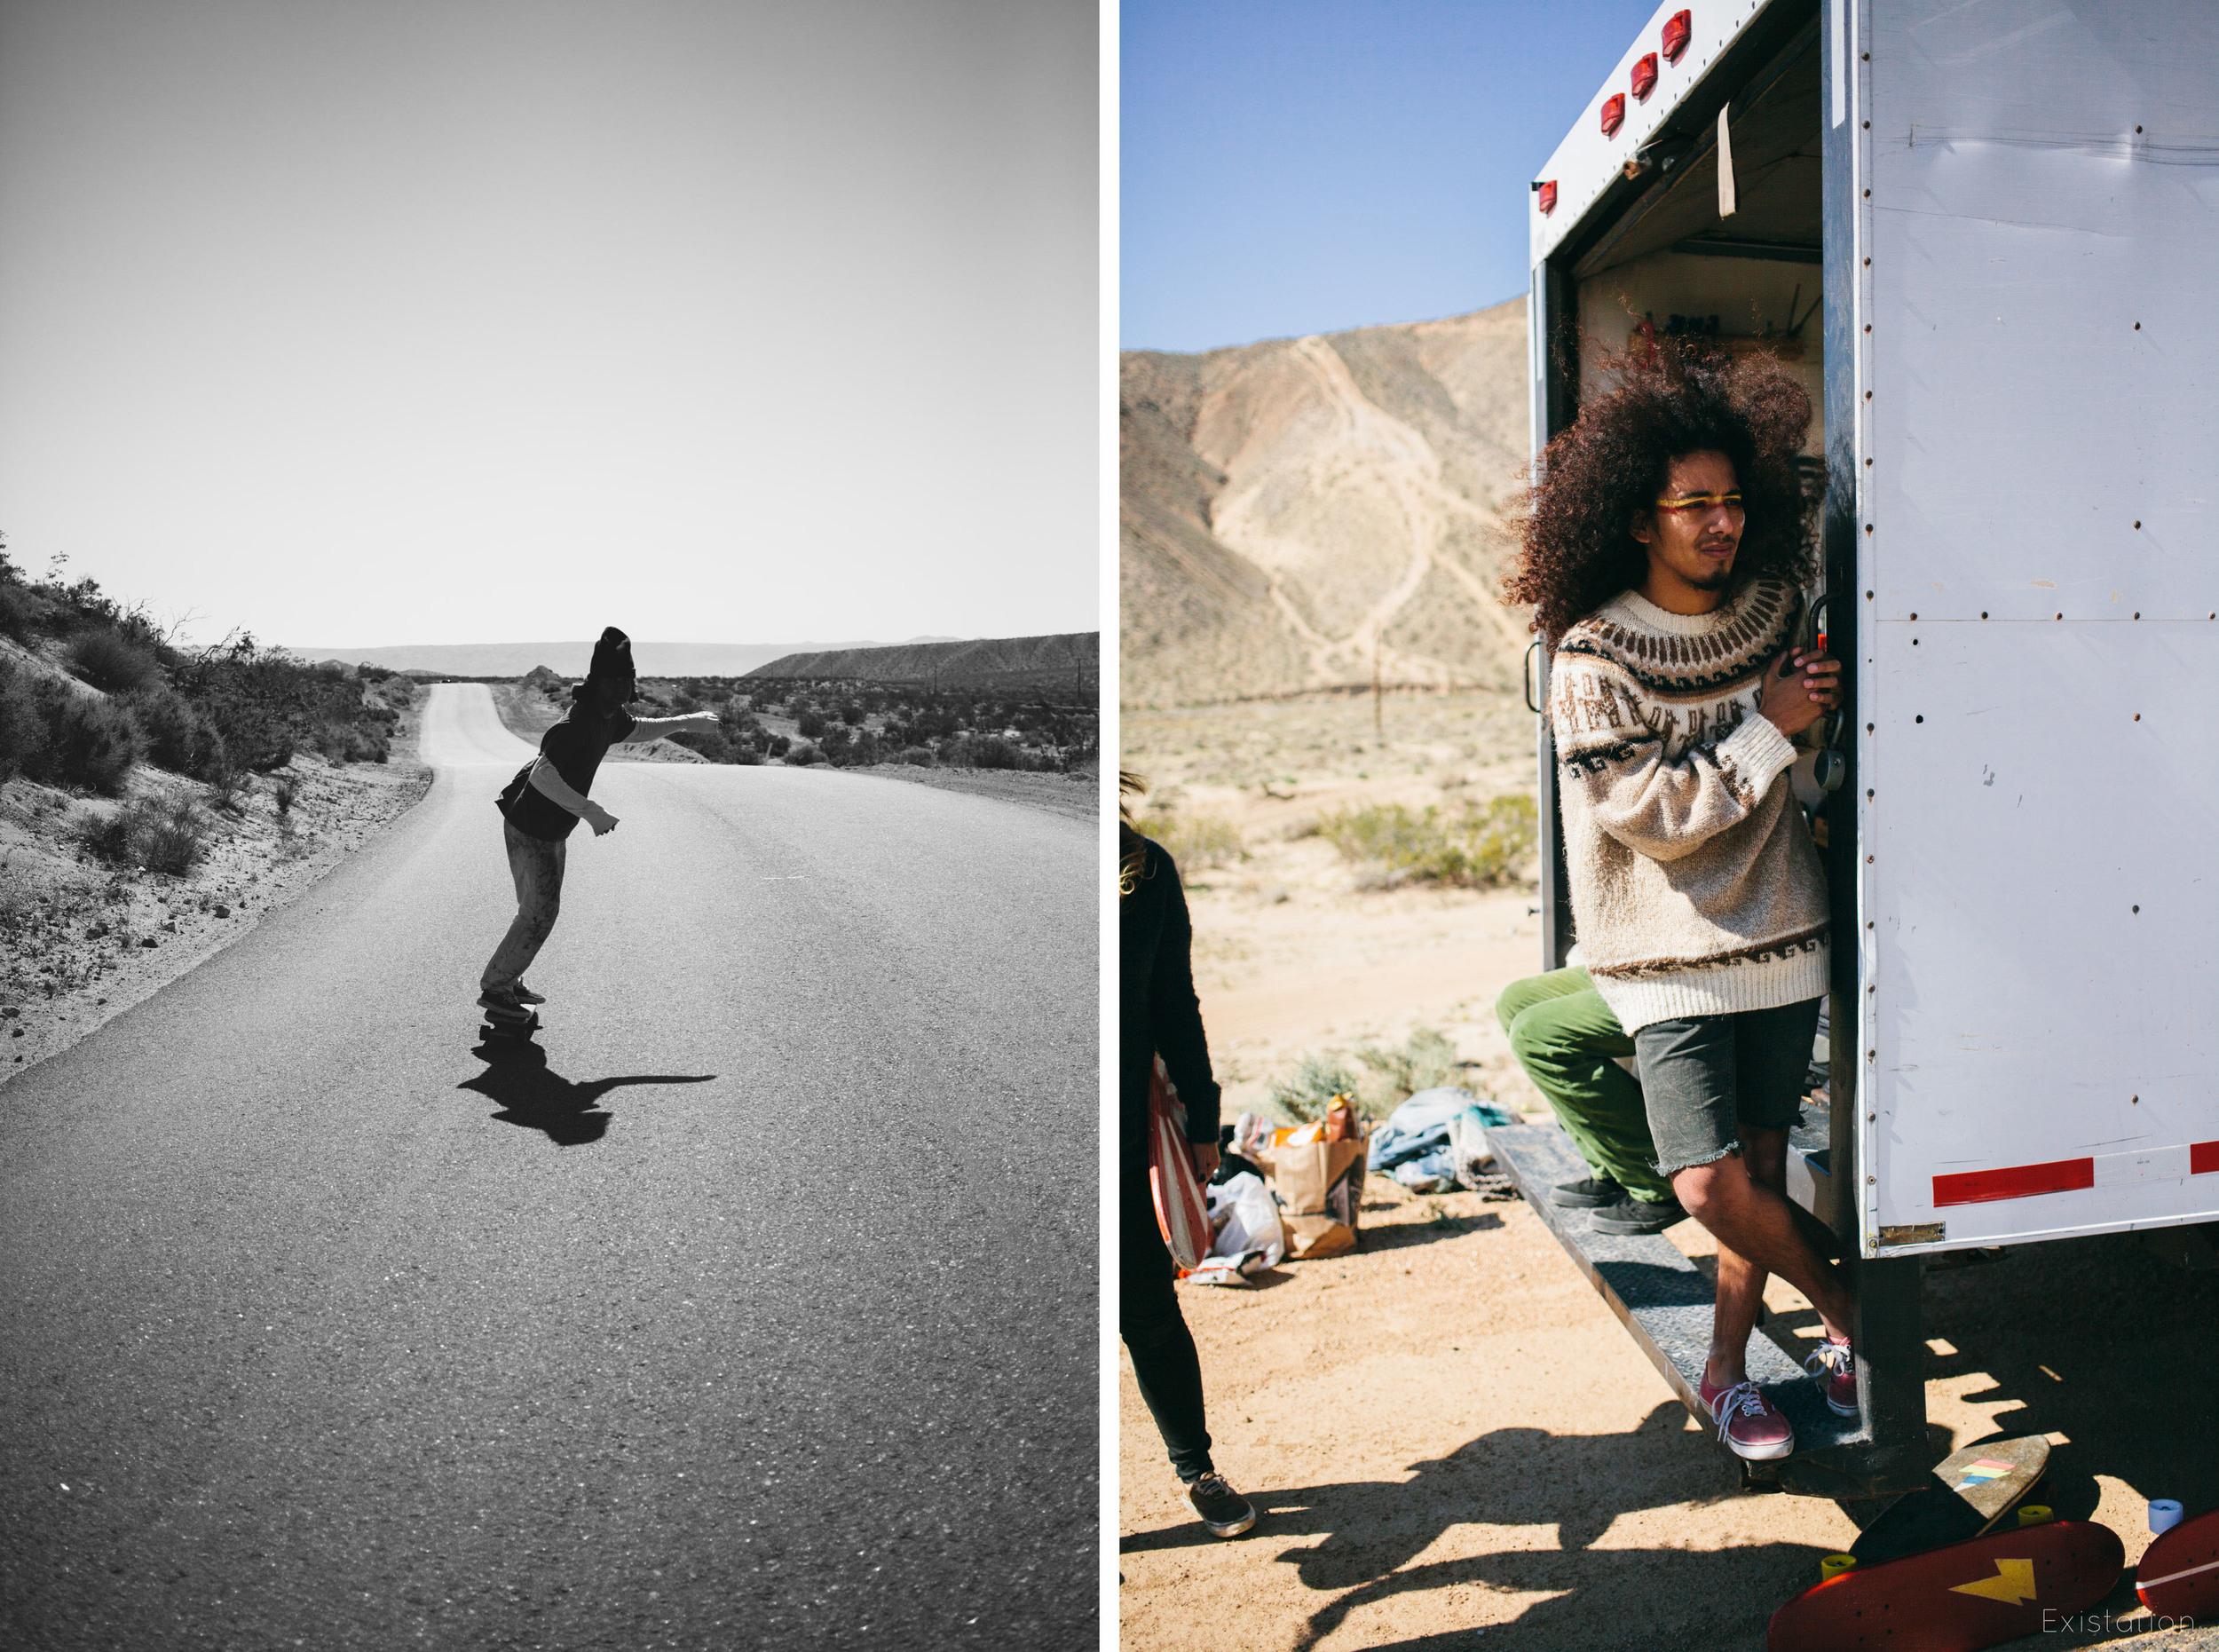 dl skateboards 4-2.jpg